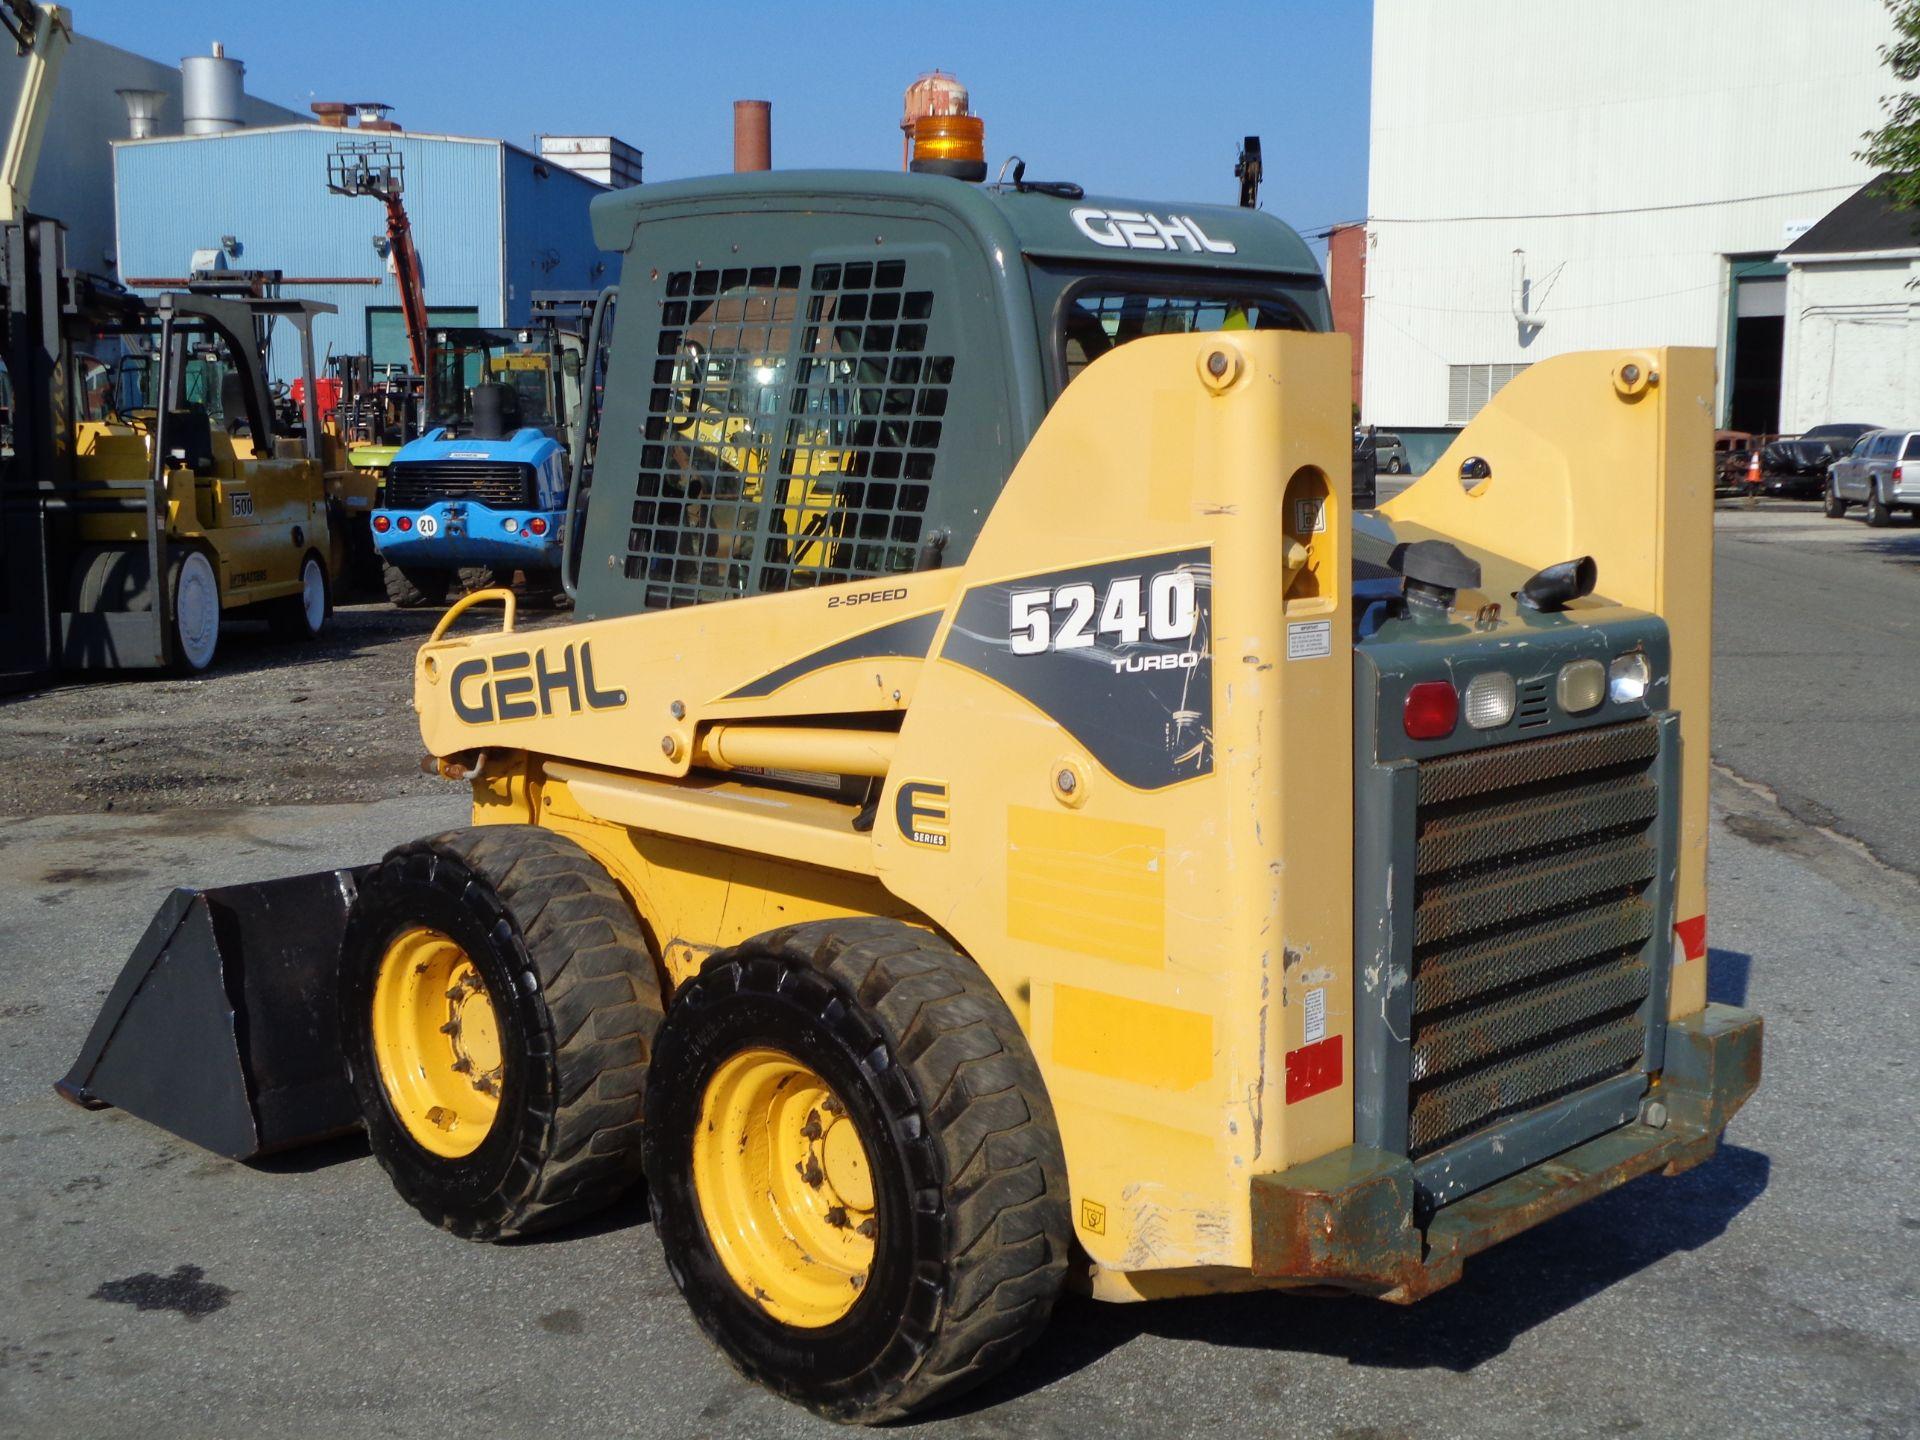 Lot 41 - 2010 Gehl 5240 Turbo Skid Steer